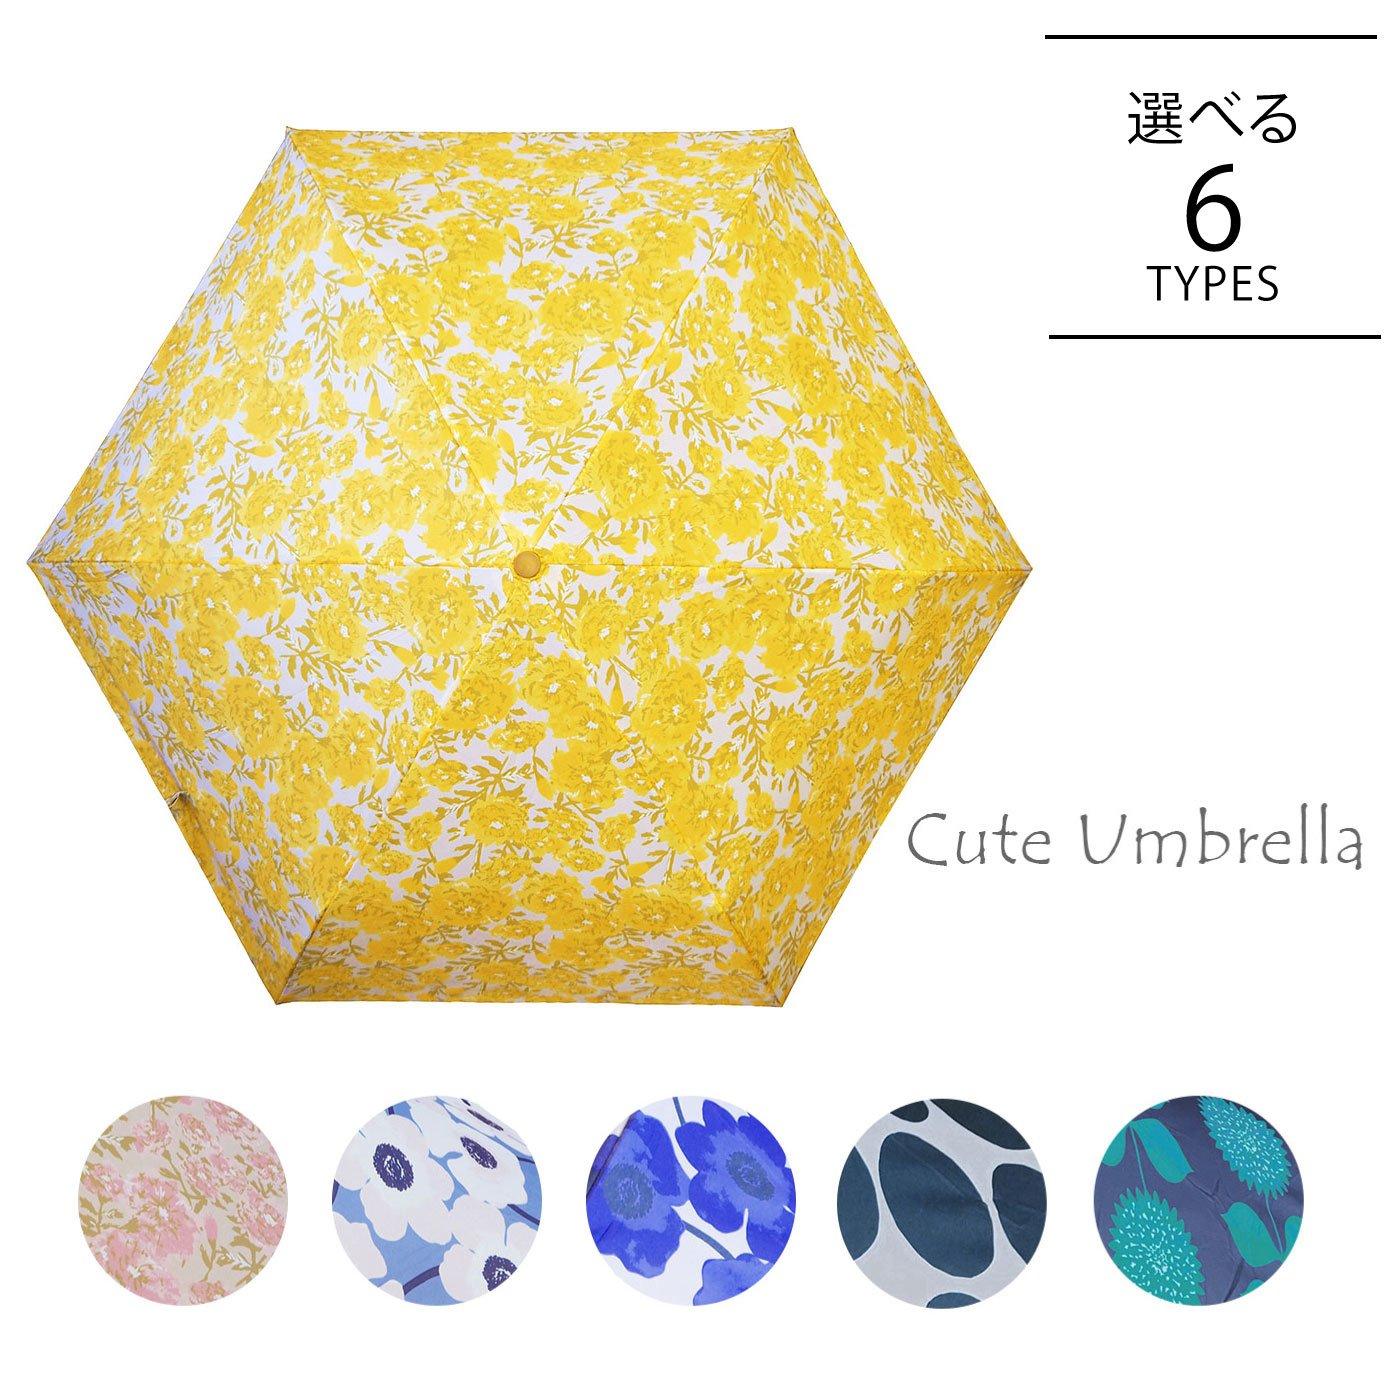 雨ふる日々が楽しみになるんるん♪晴雨兼用の軽量スリムな折りたたみ傘